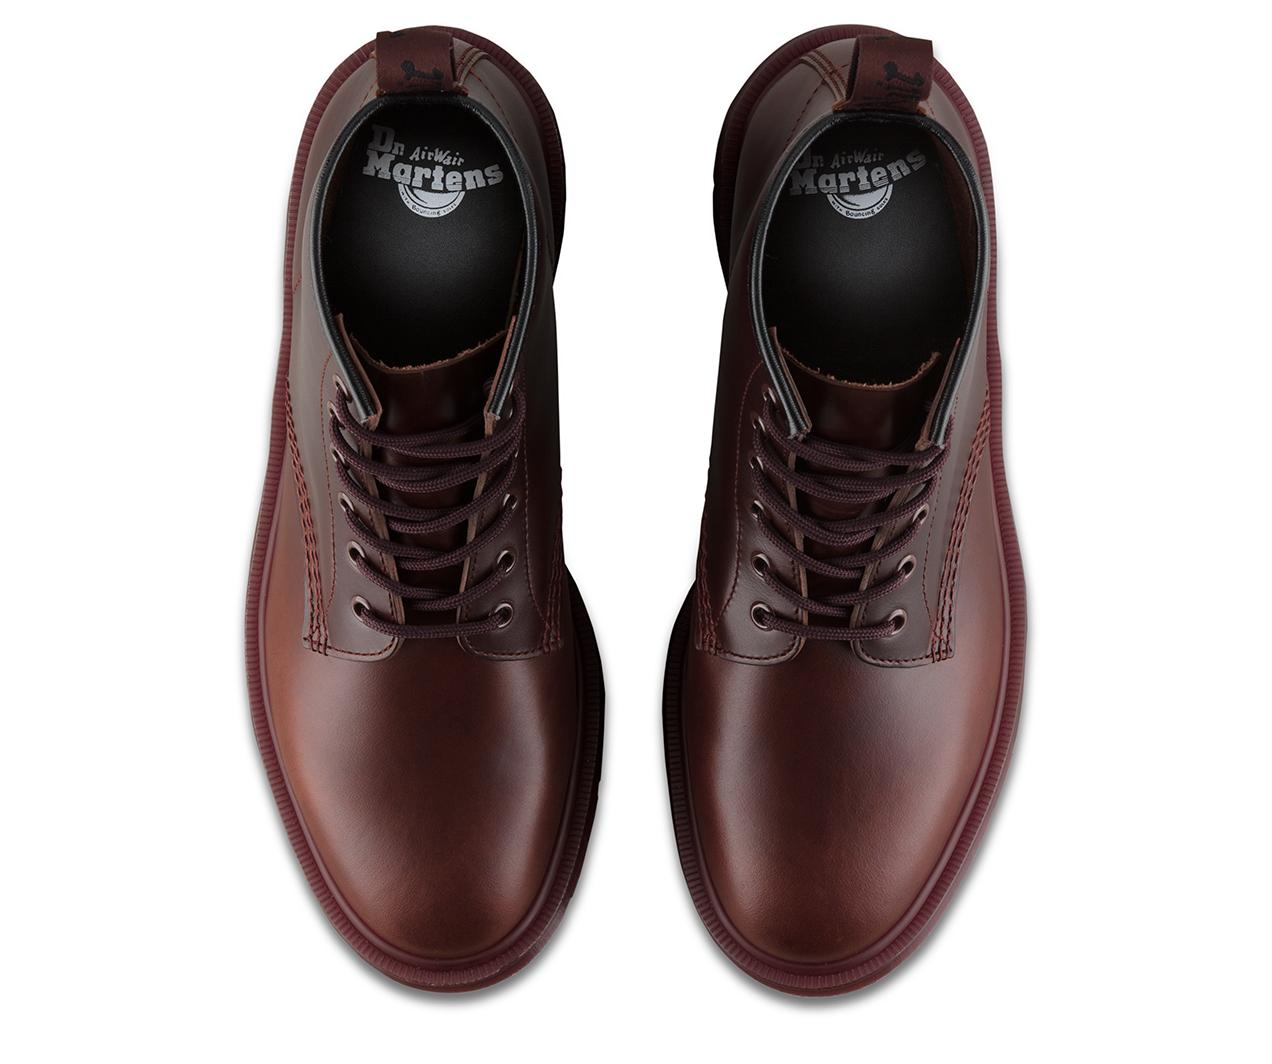 133a64d9f481 101 BRANDO | Men's Boots | Canada